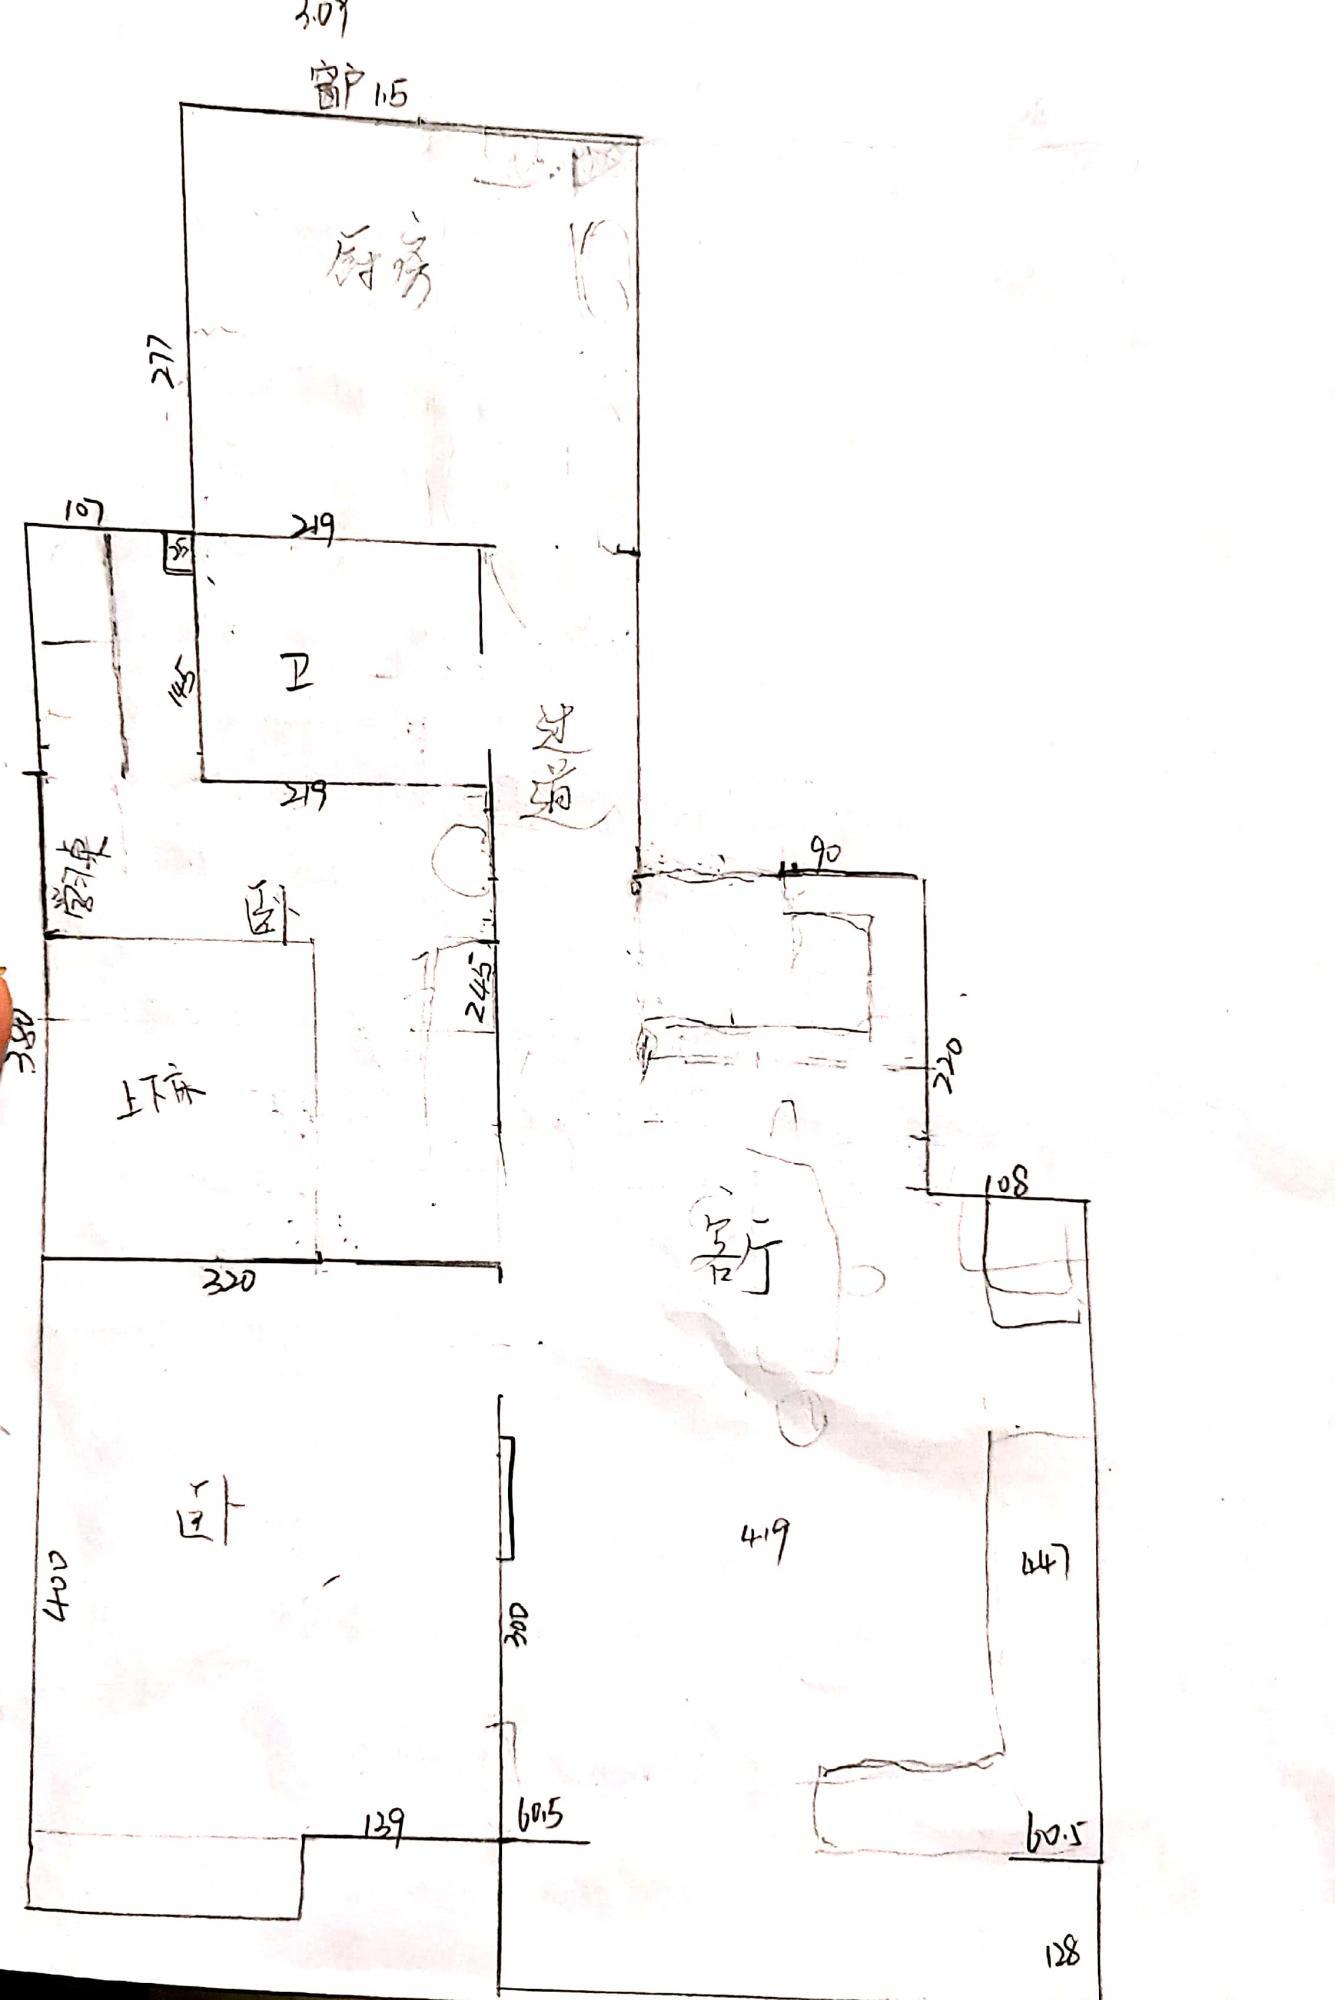 这种户型有没有好的设计空间,另外厨房那块可不可以分一个卧室呢